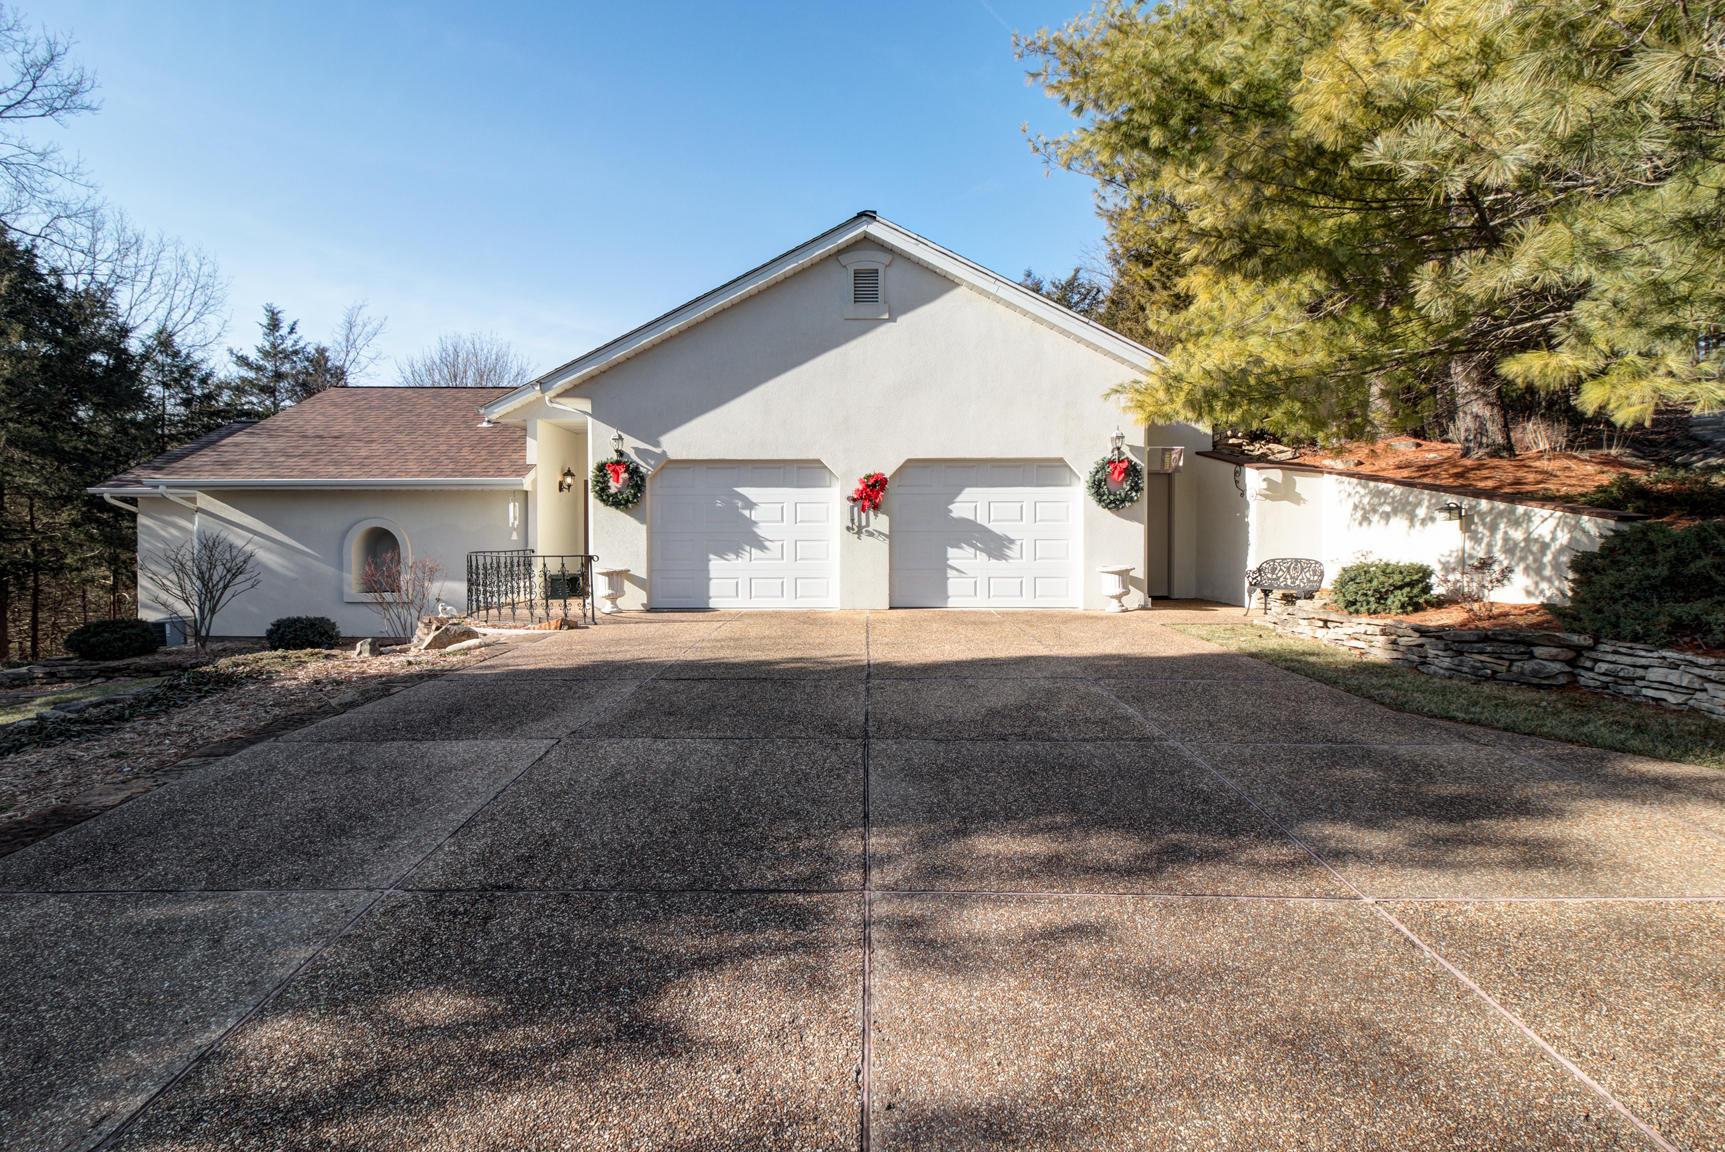 375 South Emory Creek Lane Branson, MO 65616